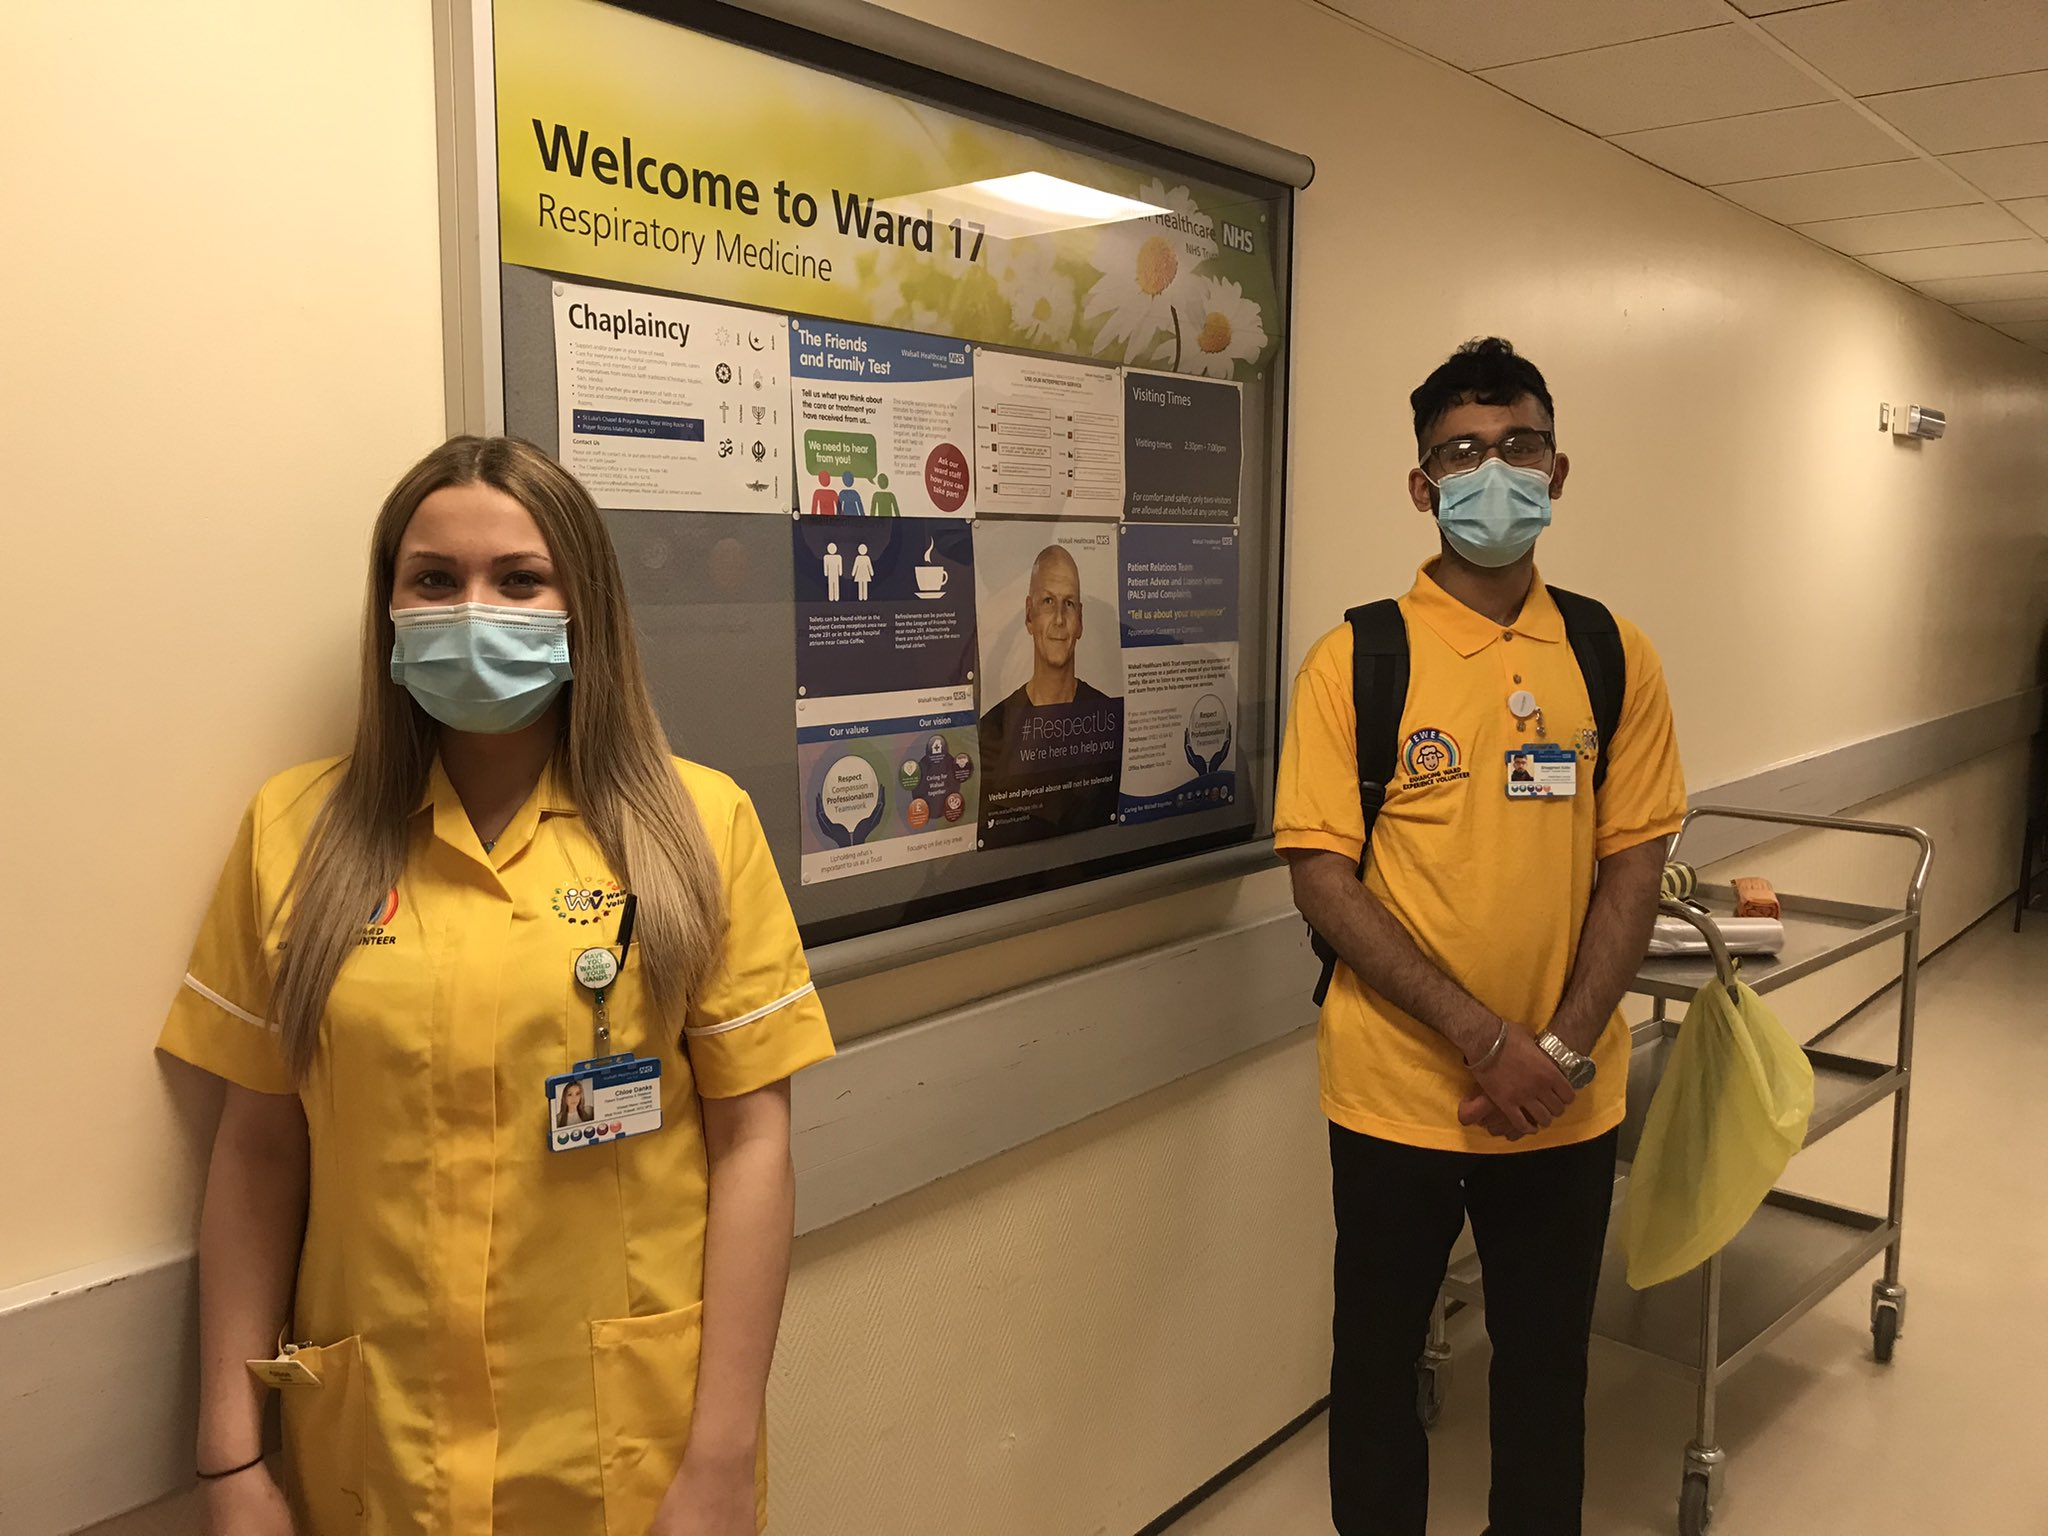 The EWE team of volunteers at work in the hospital